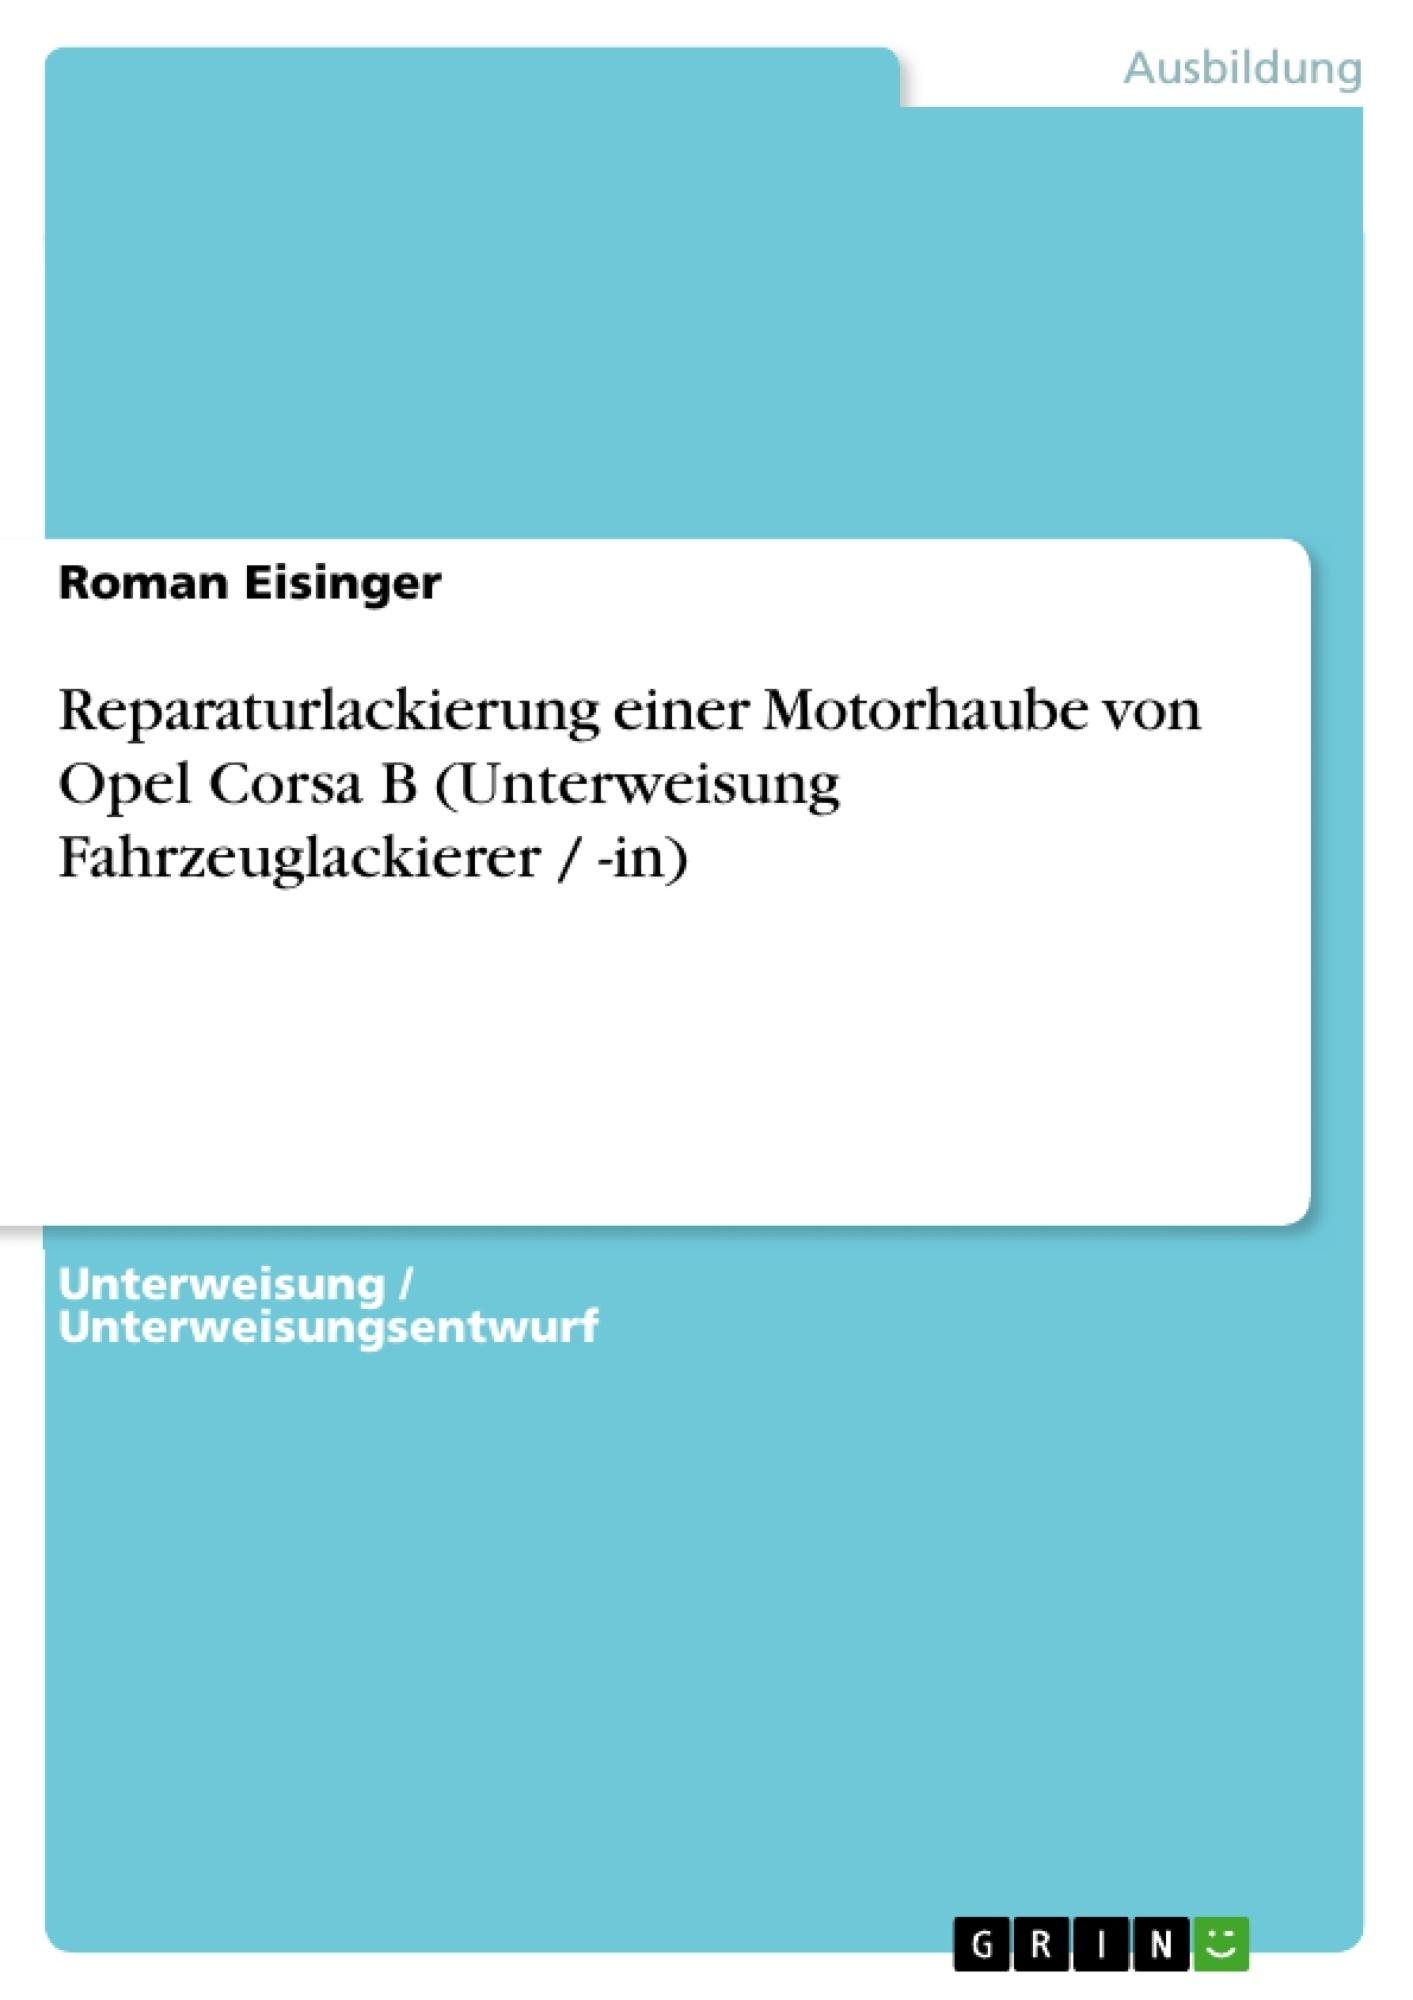 Titel: Reparaturlackierung einer Motorhaube von Opel Corsa B (Unterweisung Fahrzeuglackierer / -in)